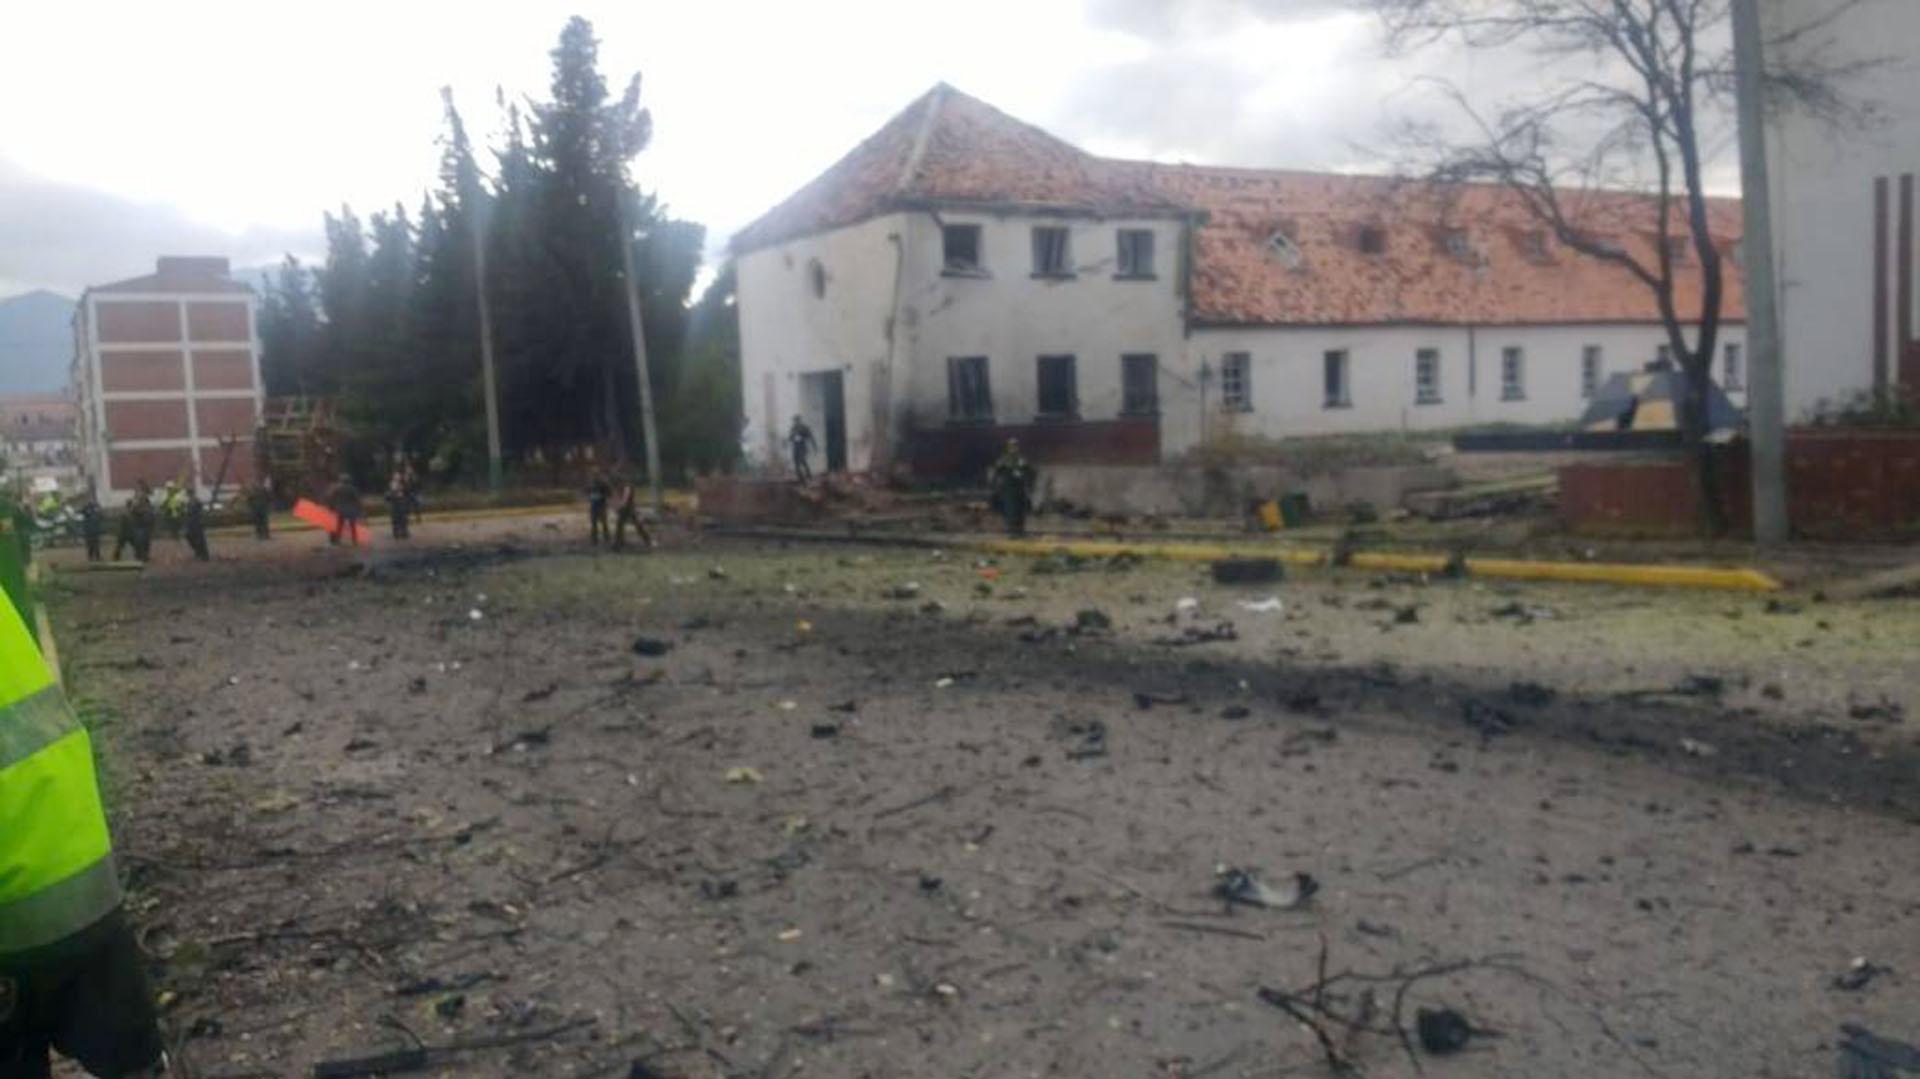 Así quedó la Escuela Militar de cadetes General Santander, al sur de Bogotá, luego de la explosión.